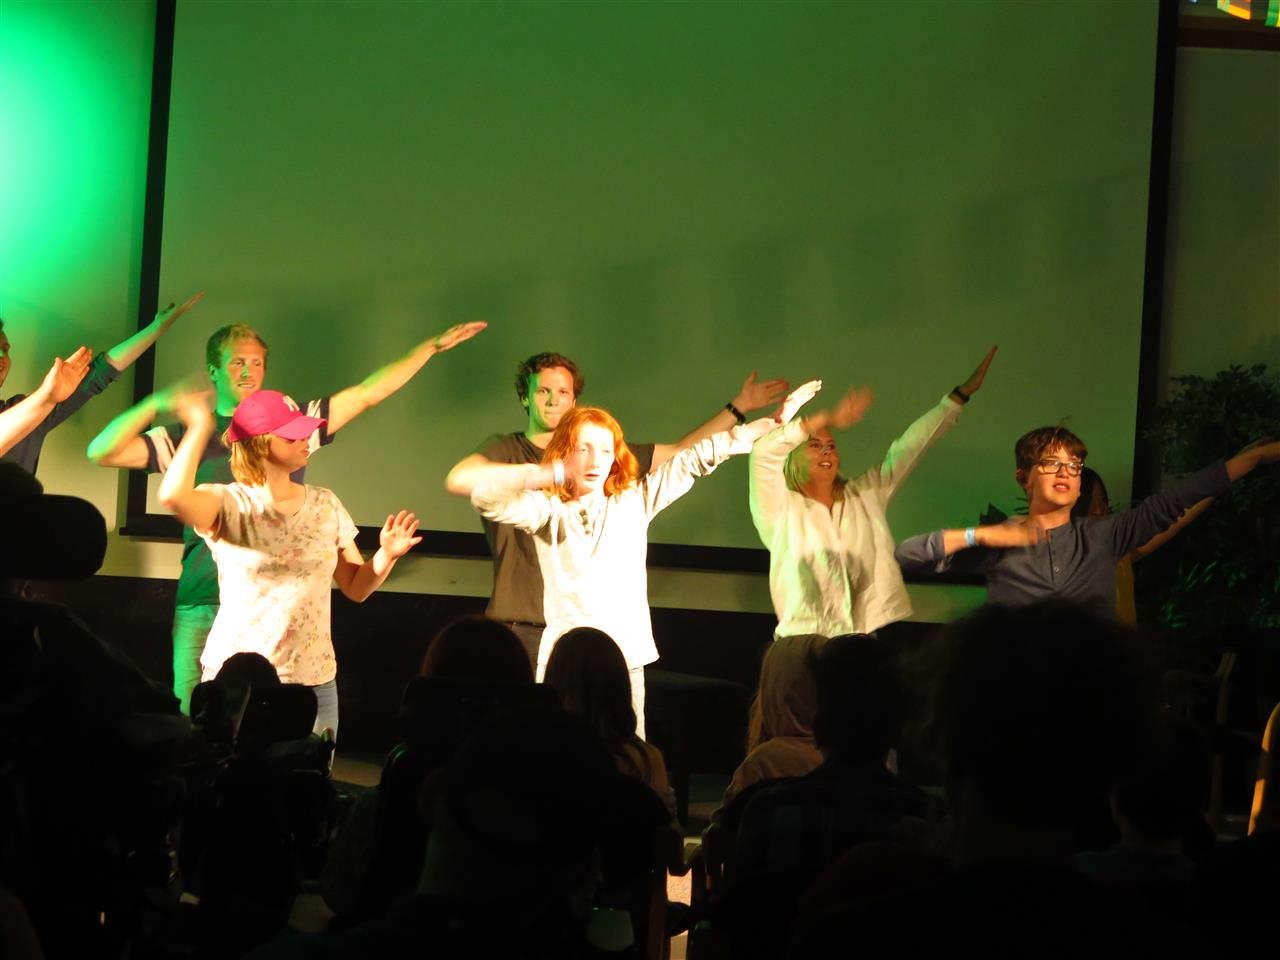 Dansing på scenen